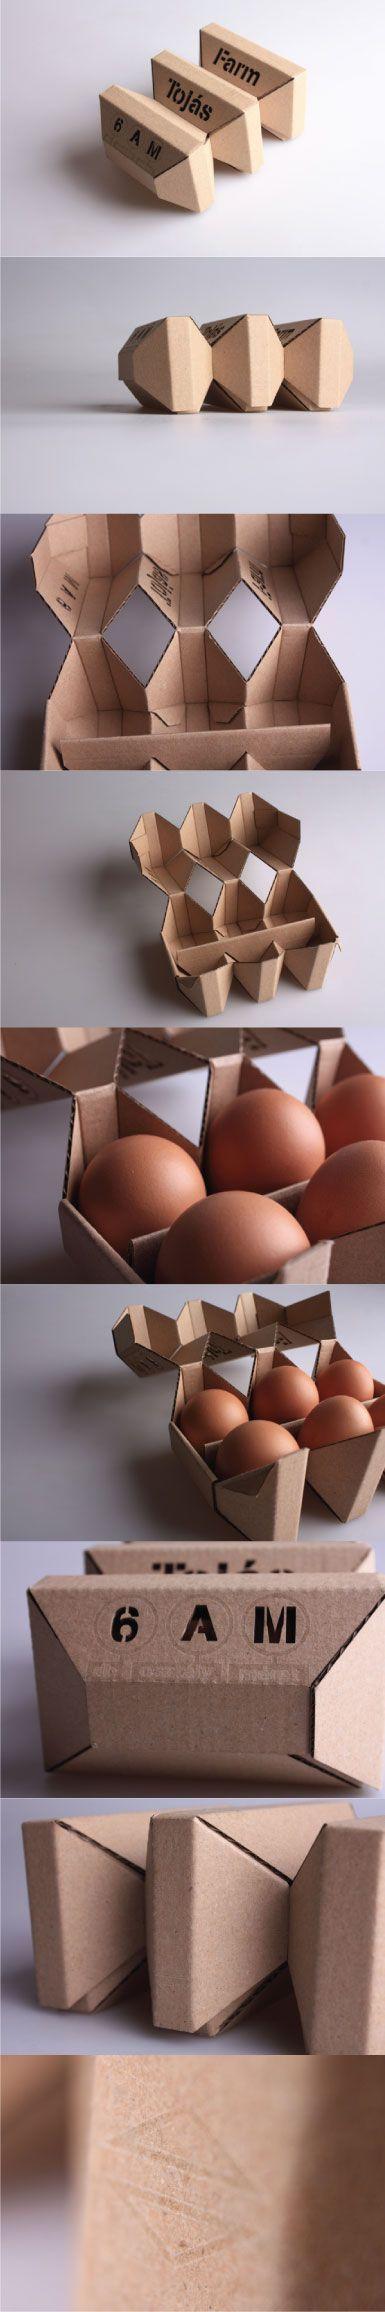 http://media-cache-ec0.pinimg.com/originals/79/d7/6e/79d76e60f4fe05f678c1083d21e953b5.jpg #Arts Design